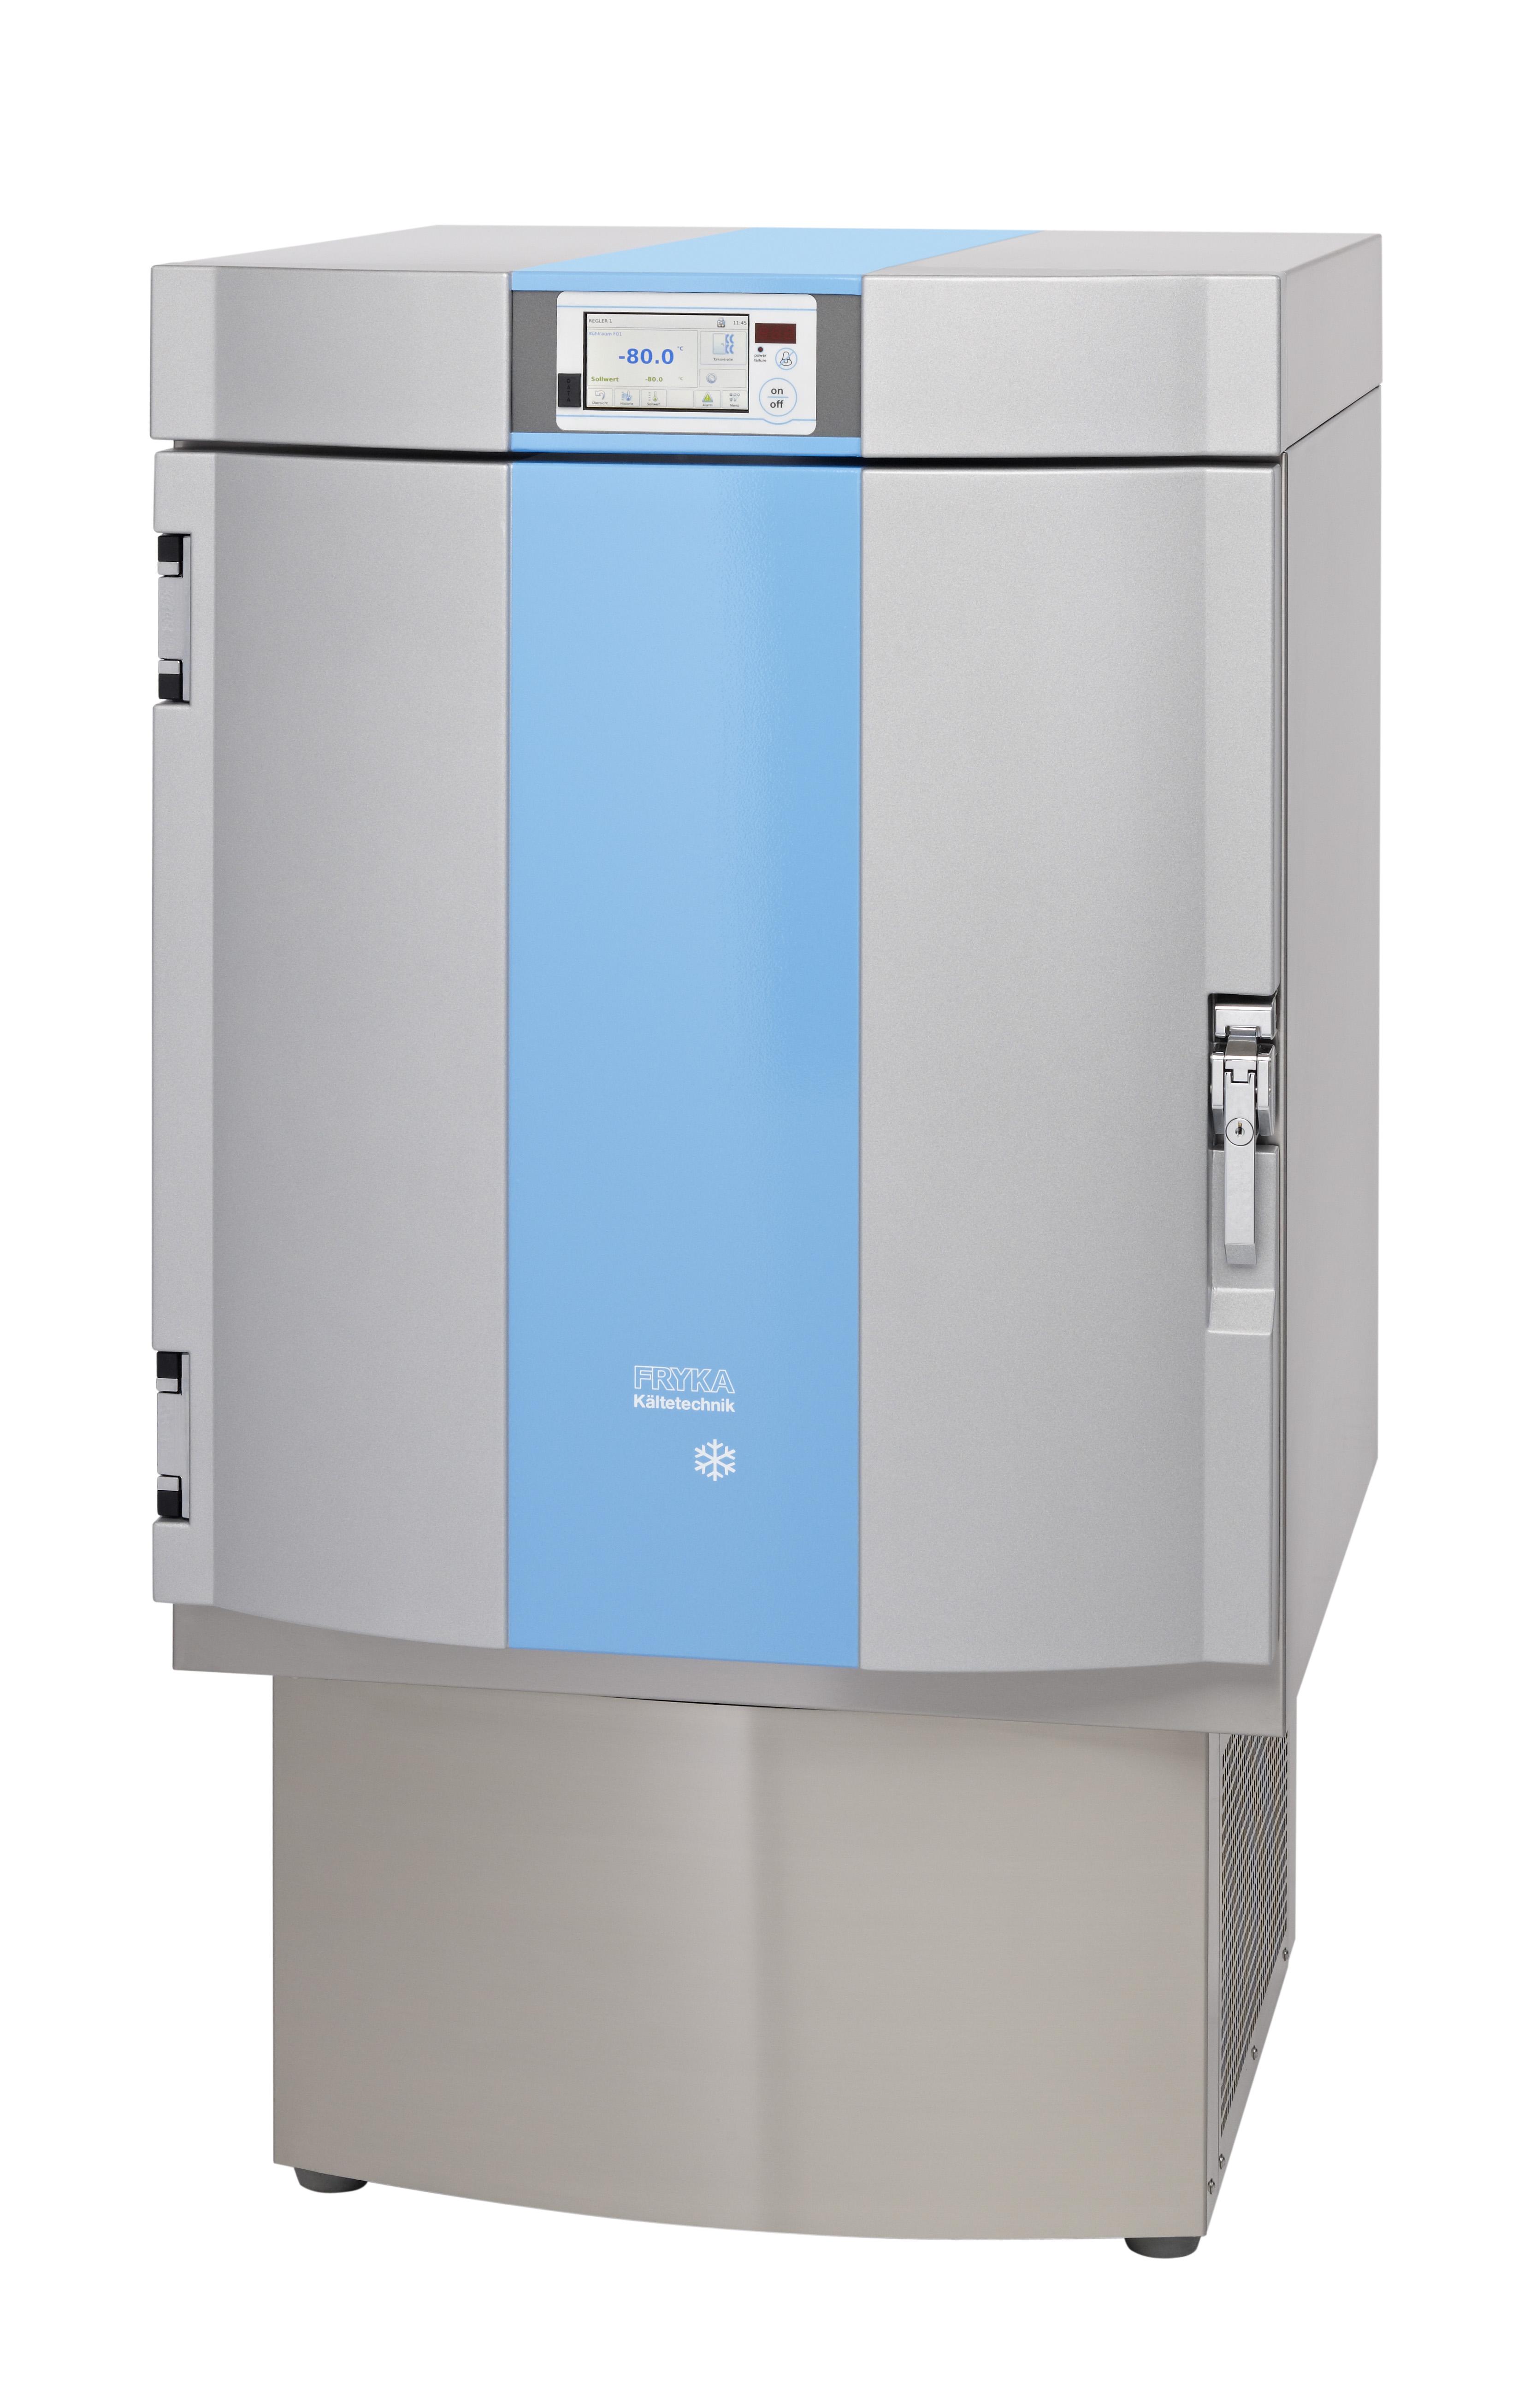 FRYKA Tiefkühlschrank TS 80-100 logg (-50?C bis -80?C)